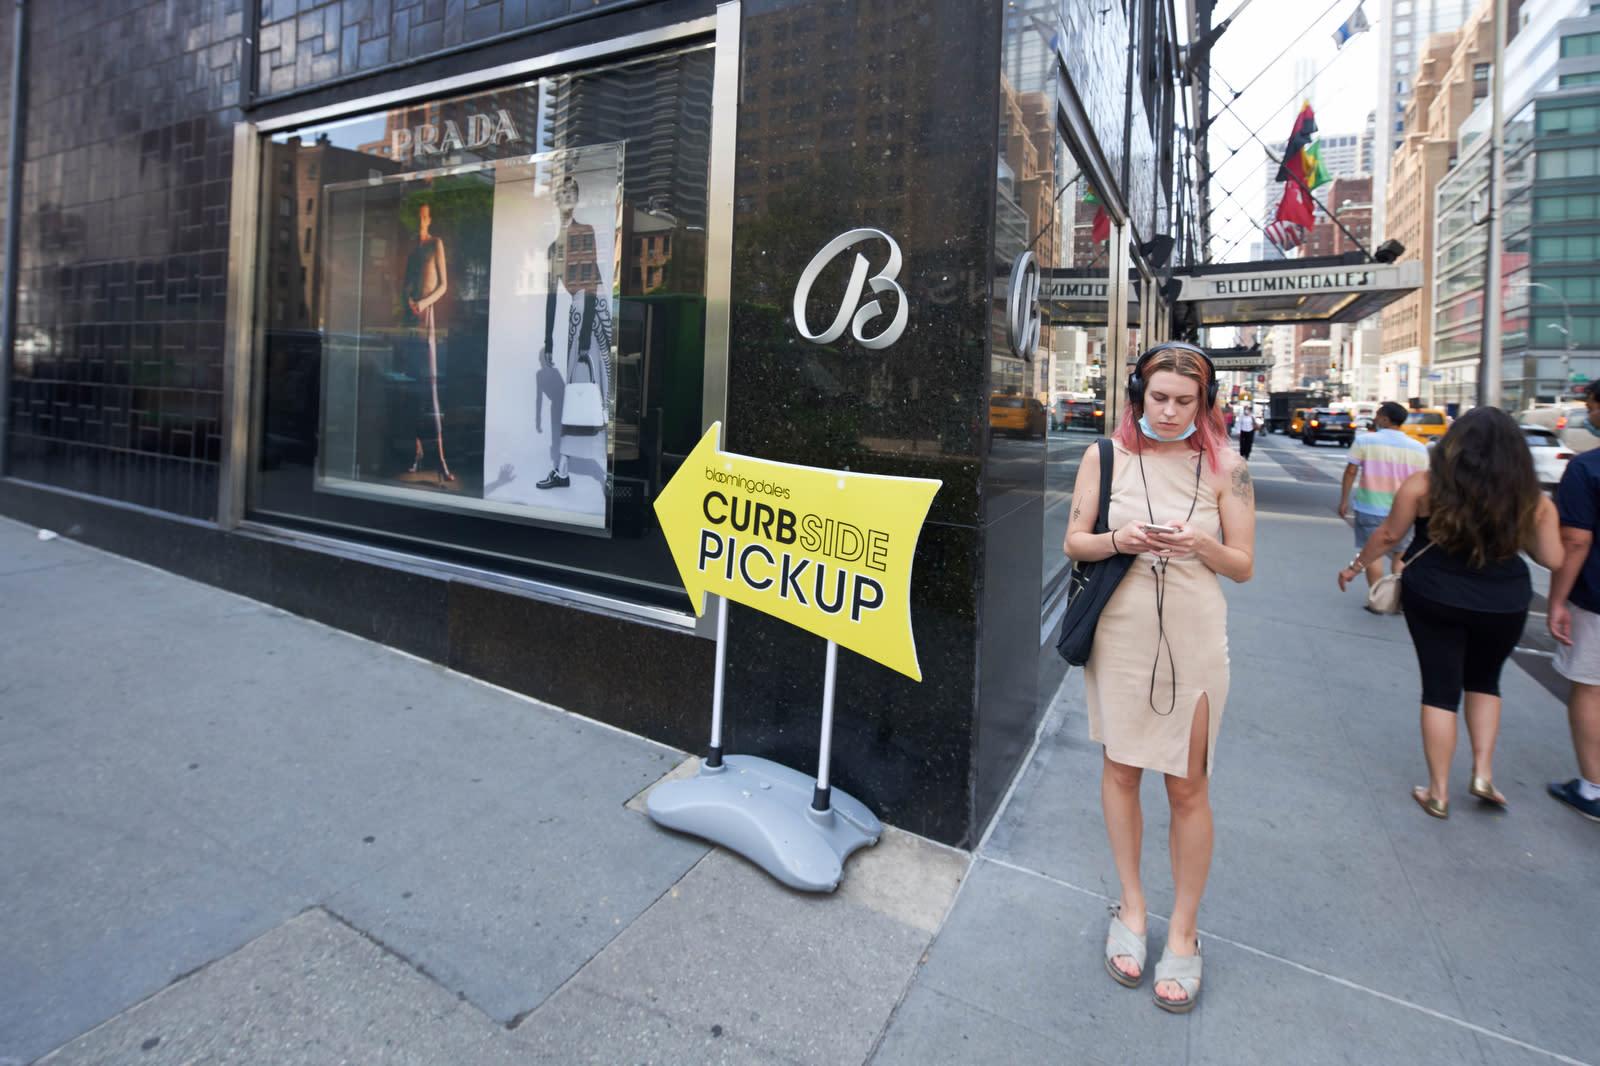 Fashion vs. the Economy: Retail Faces Double Dip